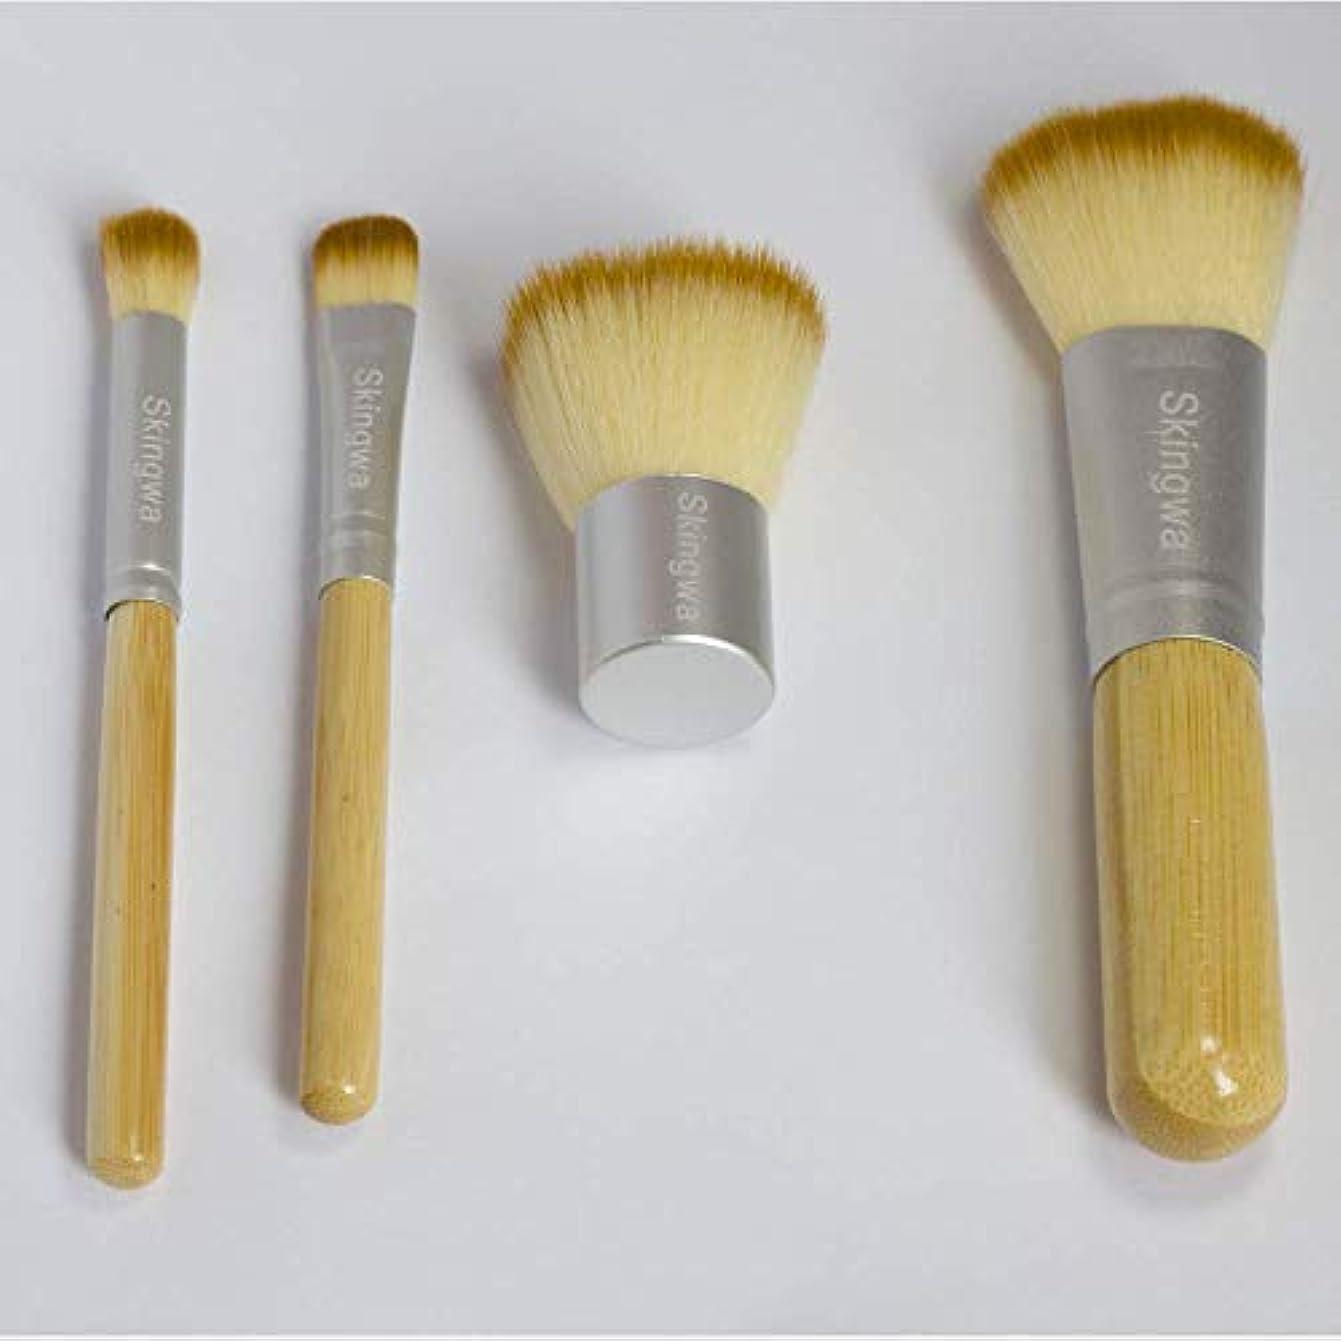 公使館お香傷つけるSkingwa 化粧 ブラシ メイクアップ ブラシ セット